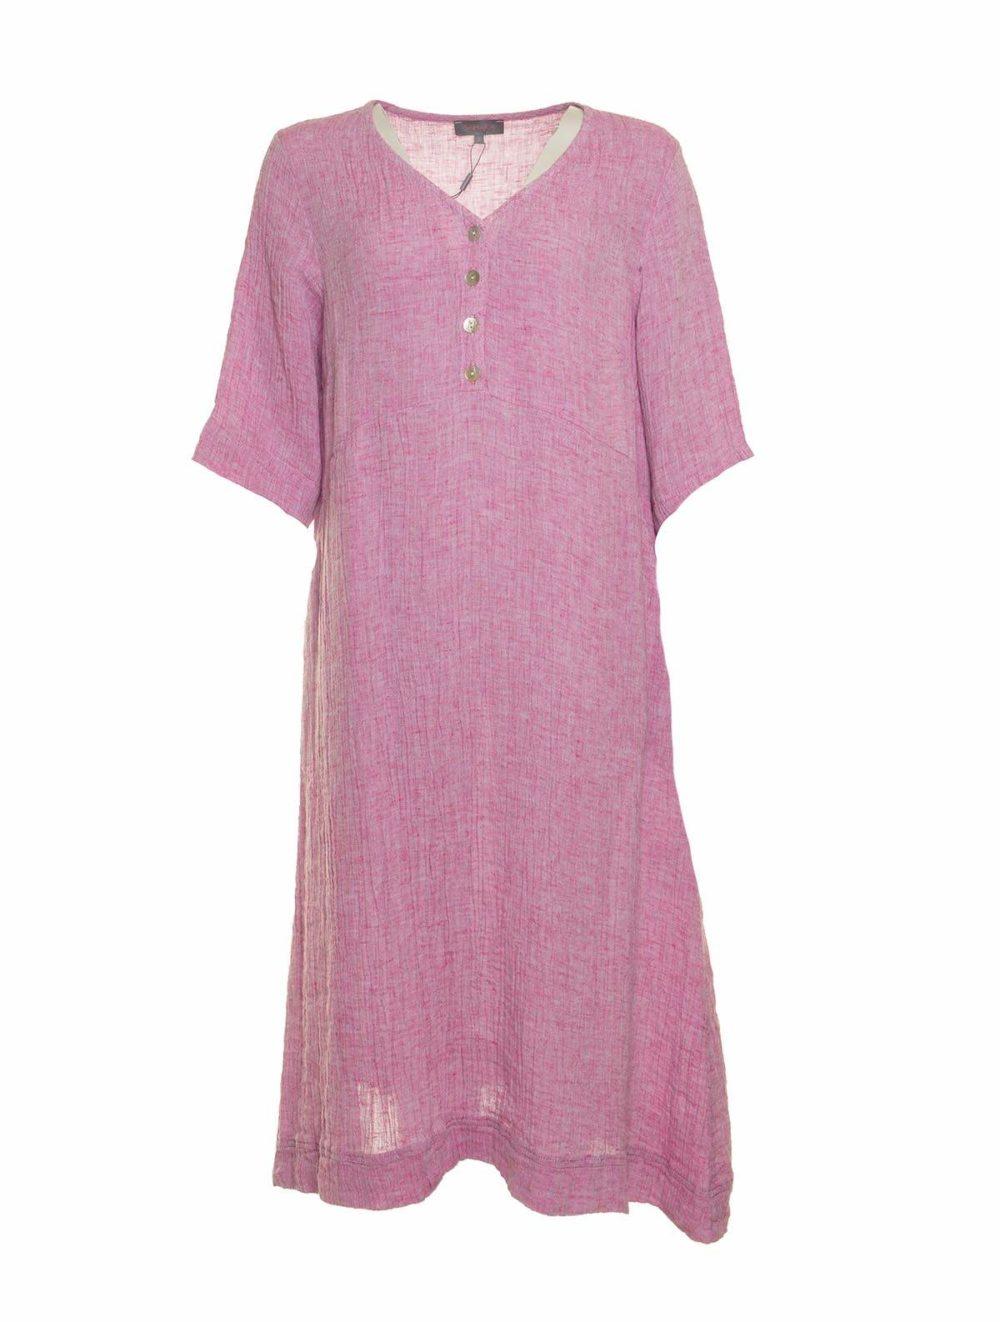 Crinkle Linen V Neck Dress Sahara Katie Kerr Women's Clothing